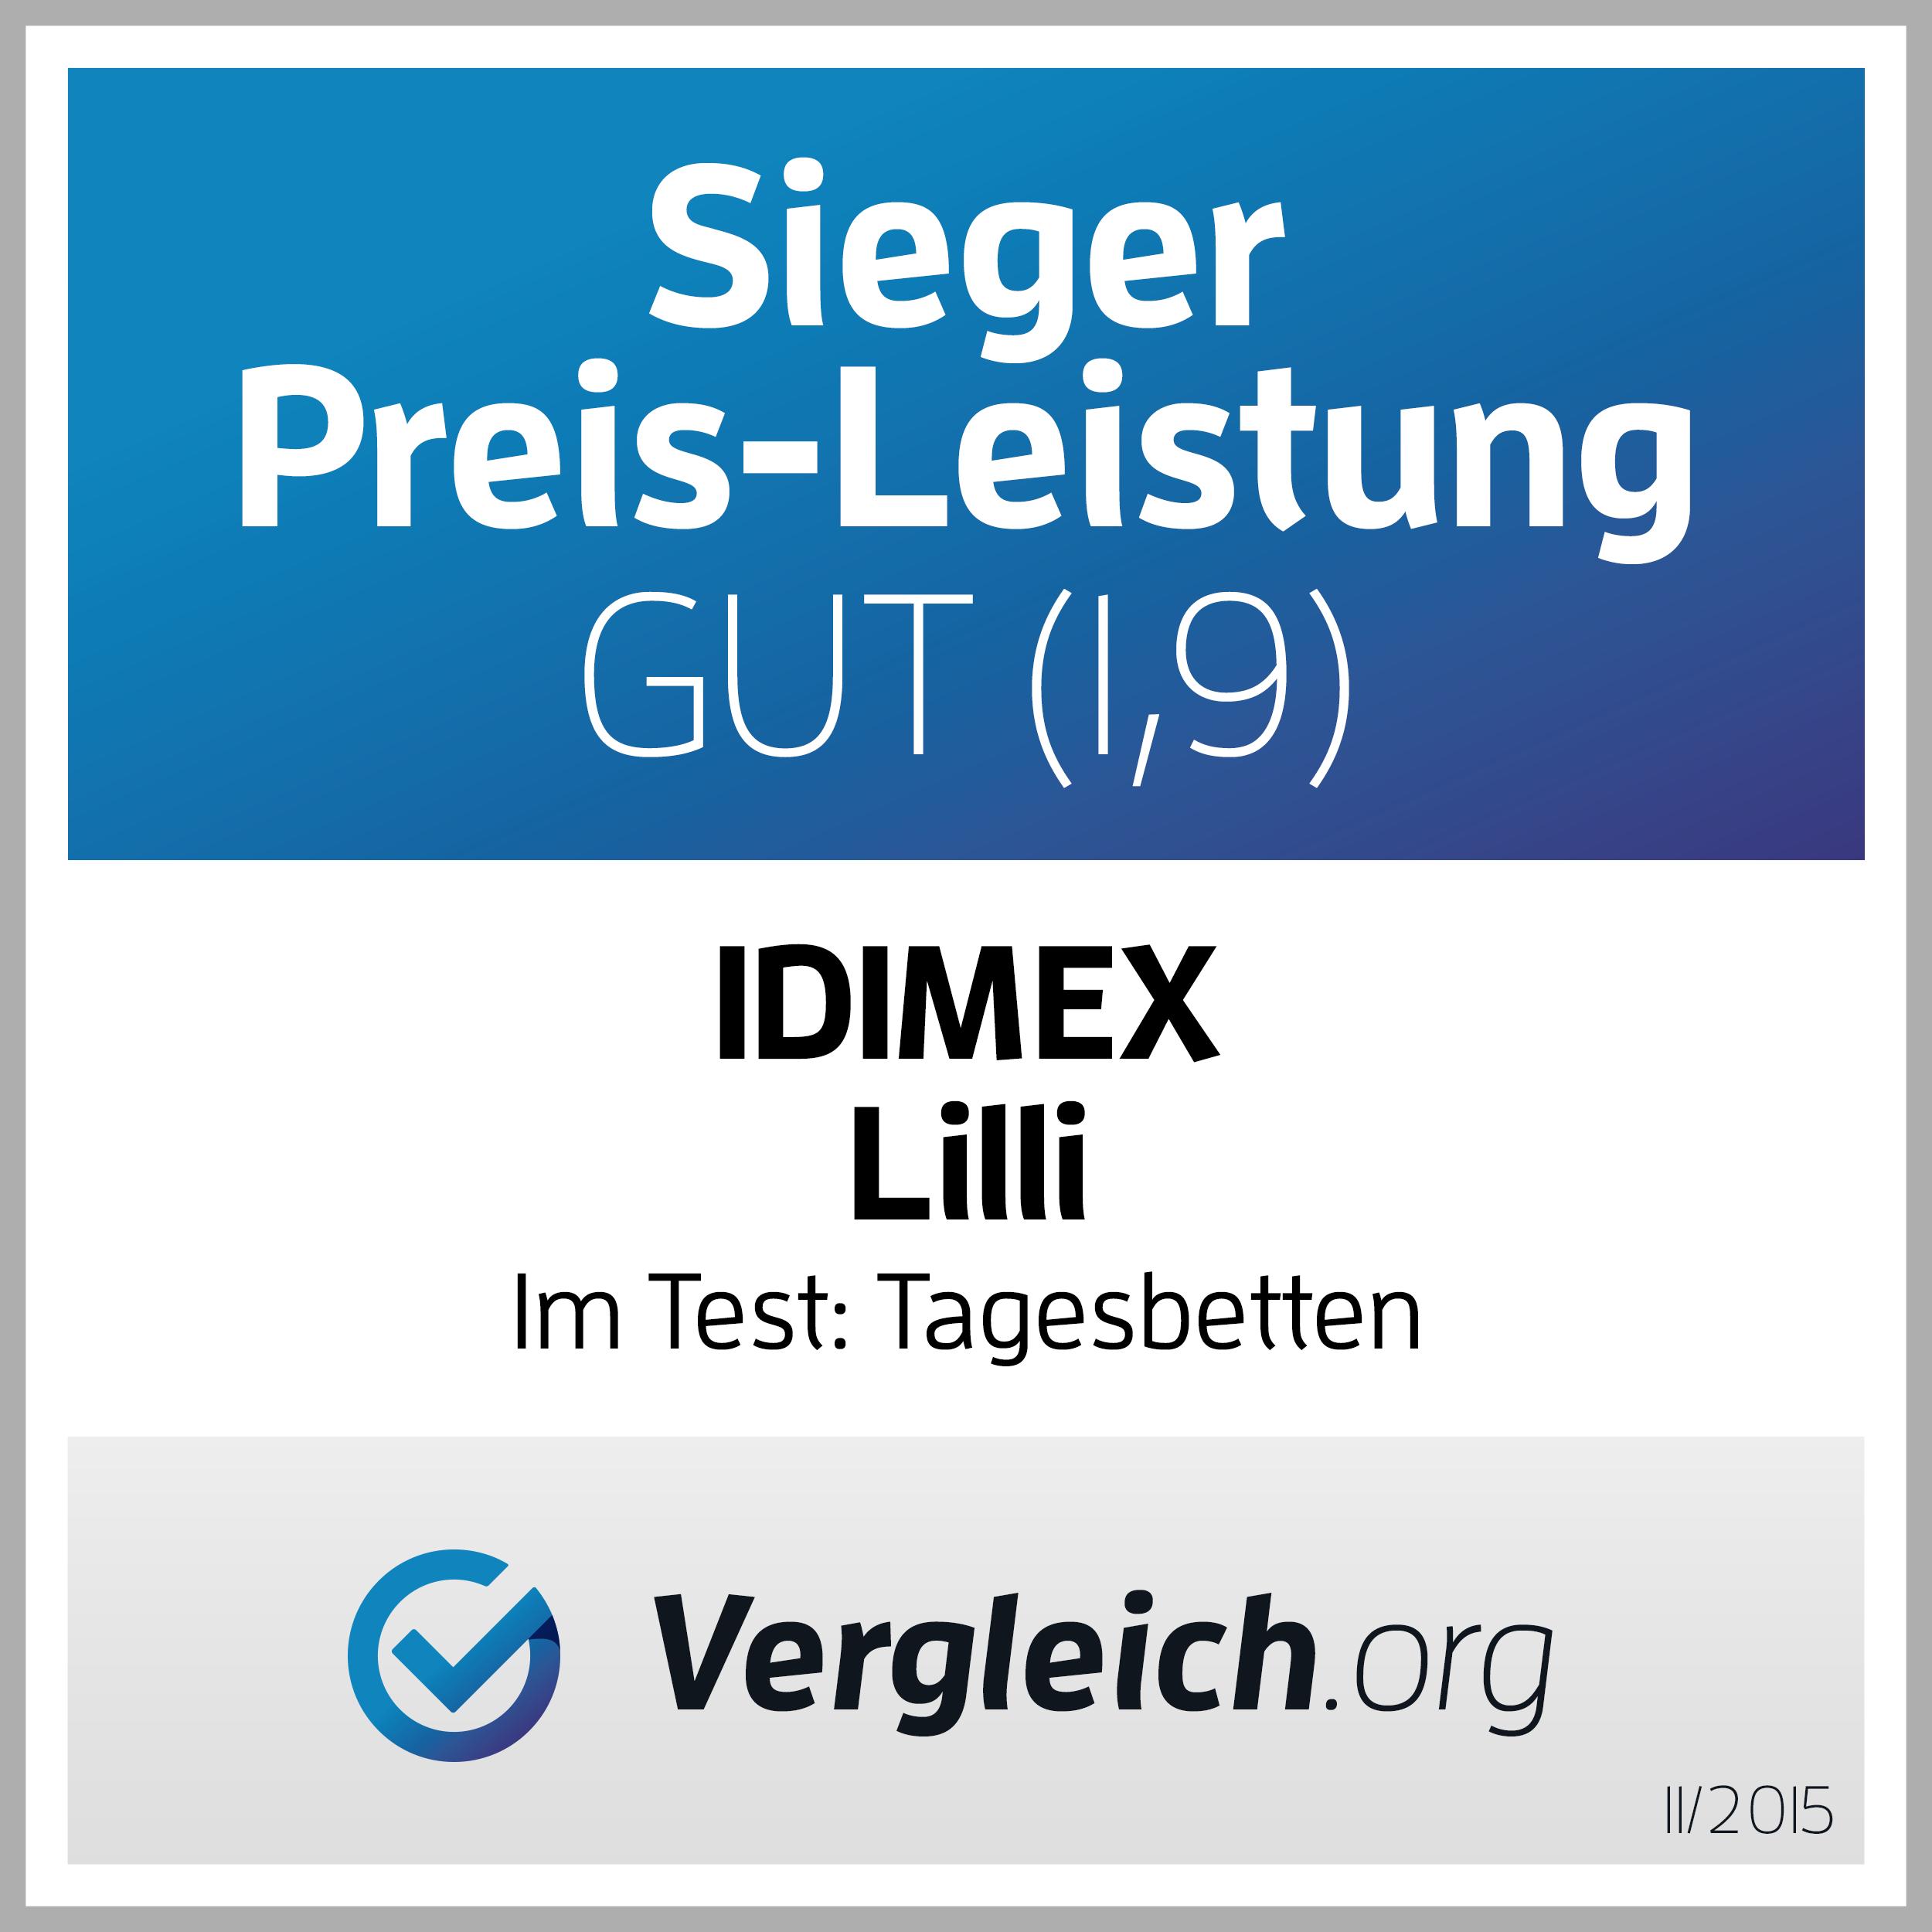 Preis-Leistungs-Sieger IDIMEX LILLI